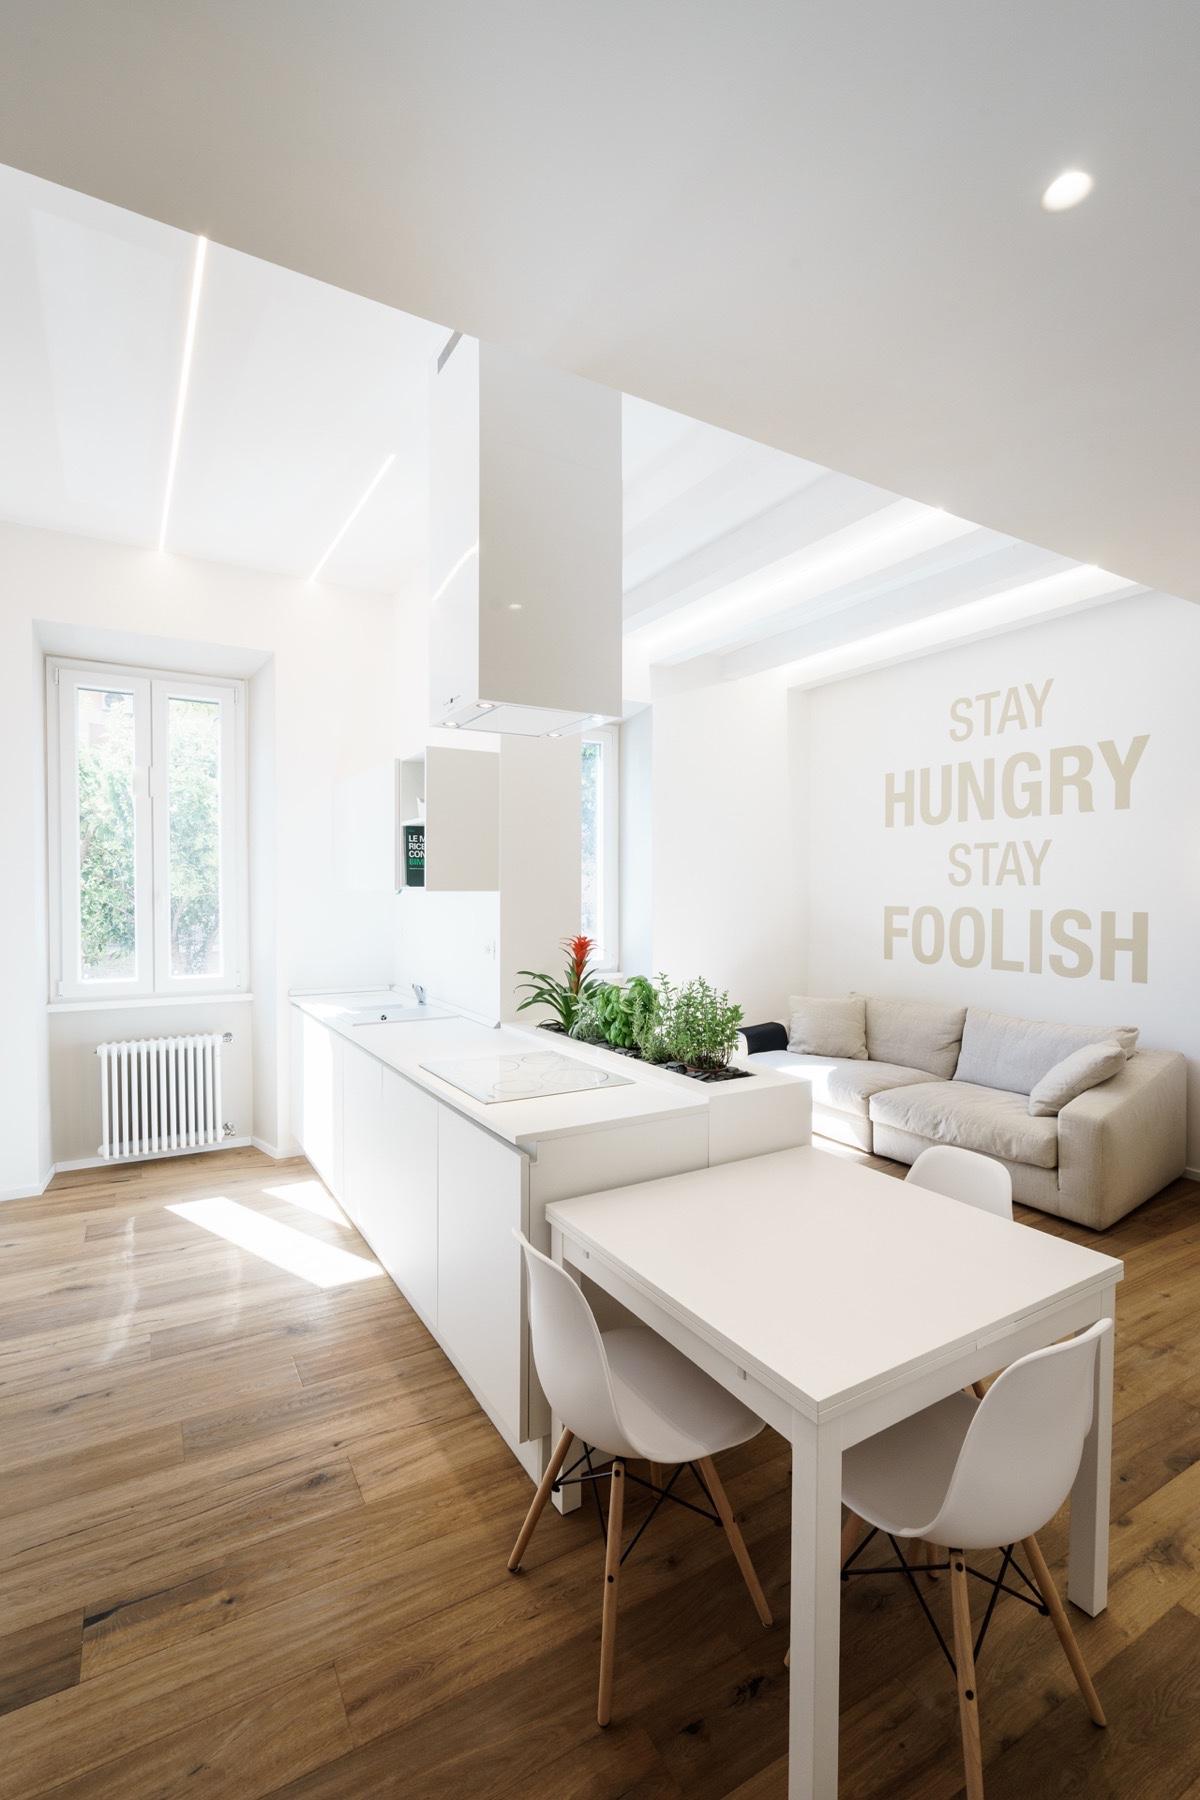 23 mẫu phòng bếp tối giản với tone màu trắng chủ đạo sẽ khiến bạn không thể không yêu - Ảnh 22.